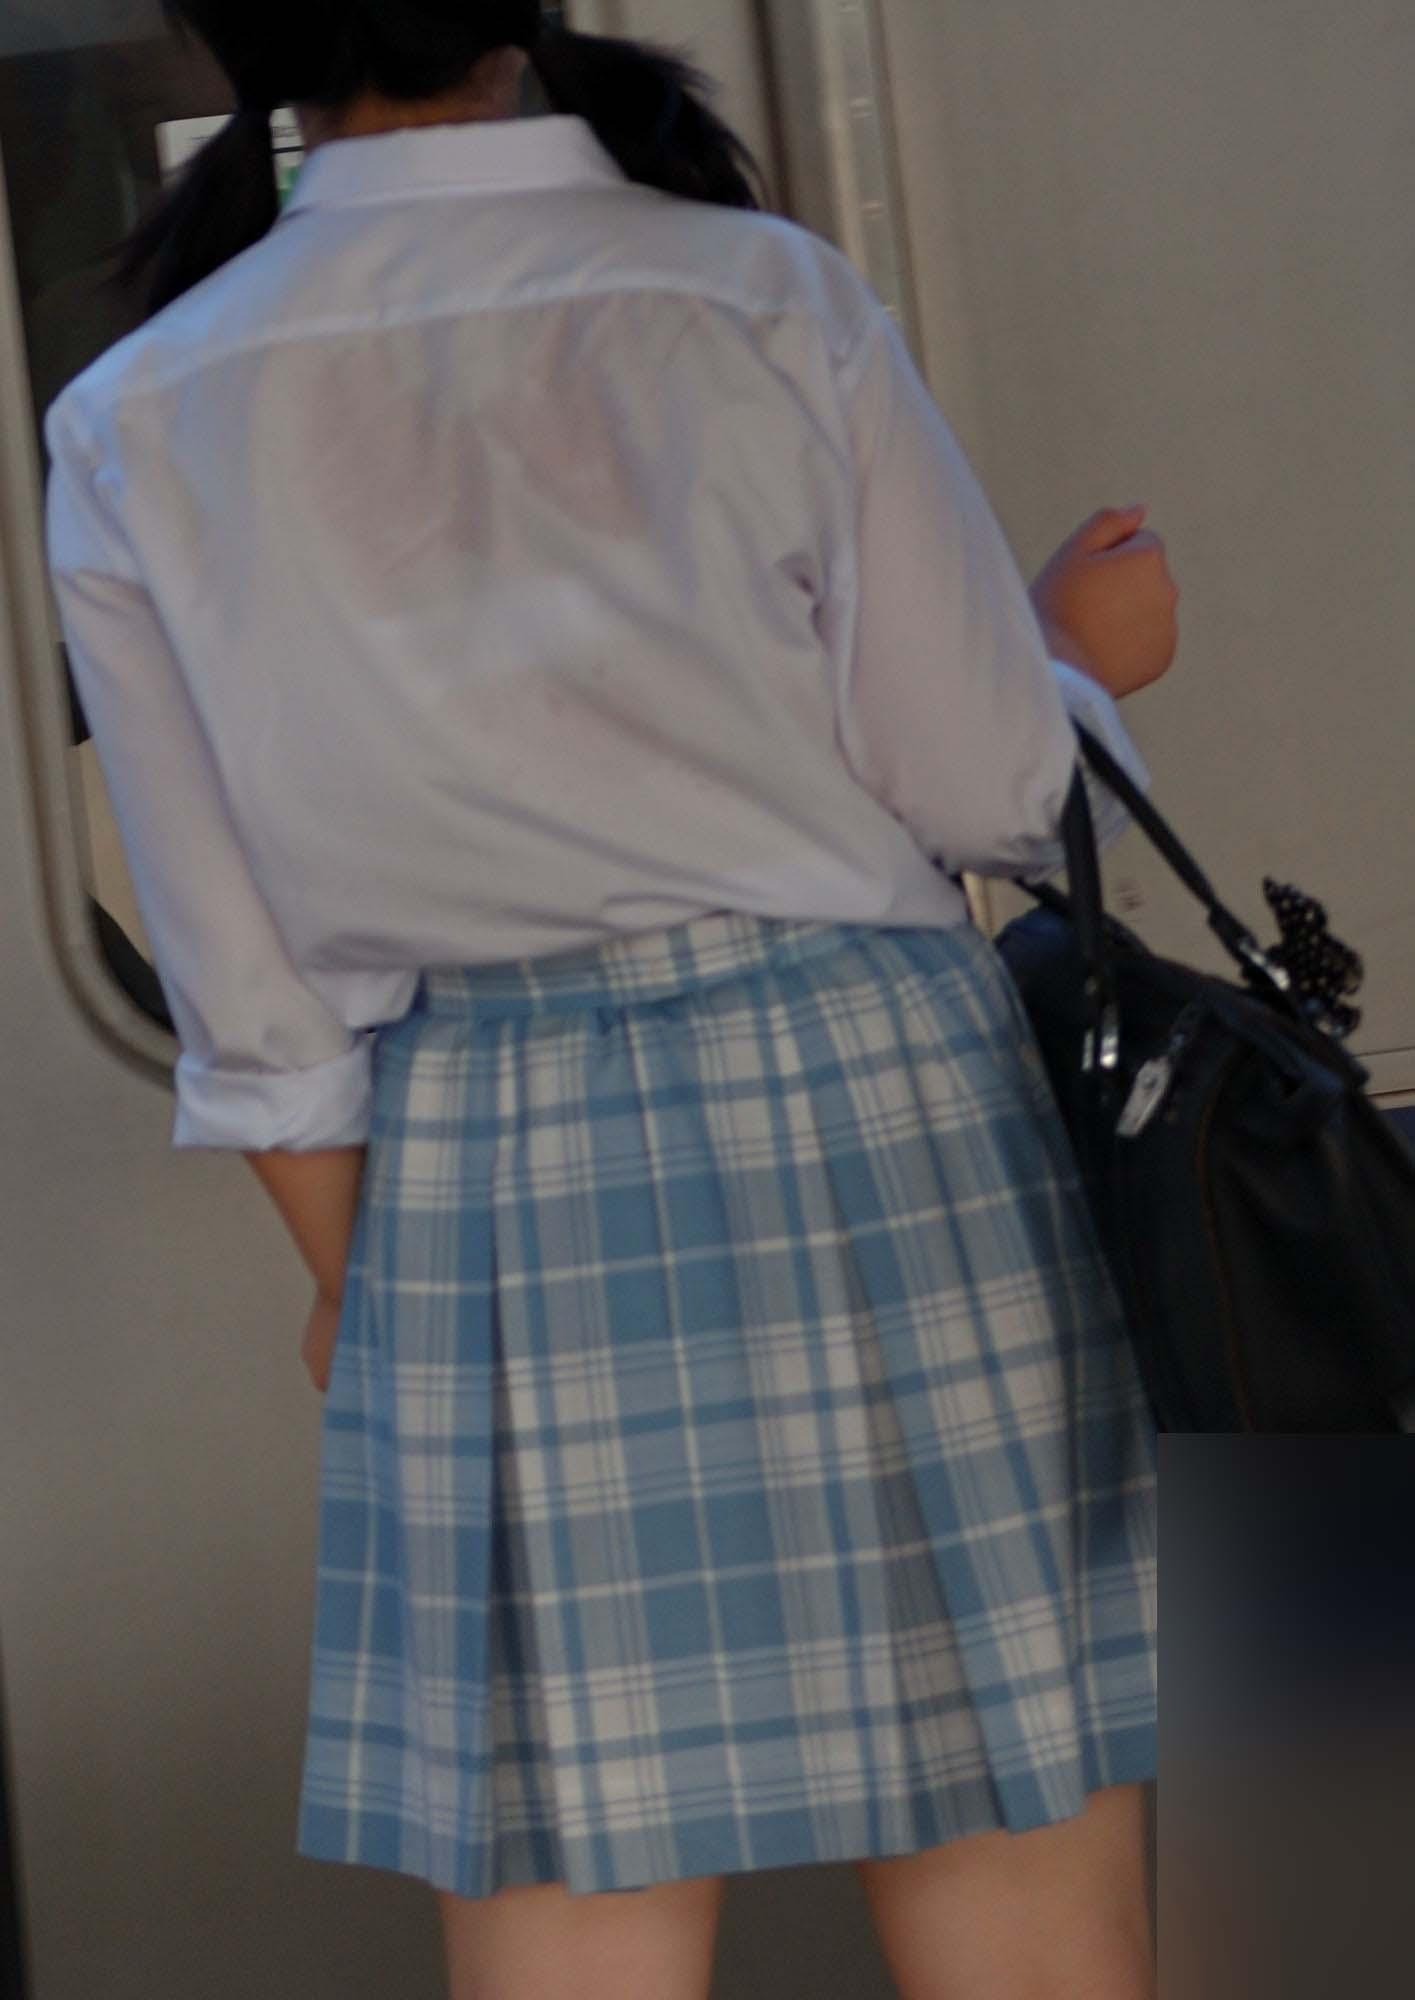 【透けブラエロ画像】指摘したらどんな顔してくれるだろうwwwブラウスやシャツ越しに見える魅惑の透けブラ  04